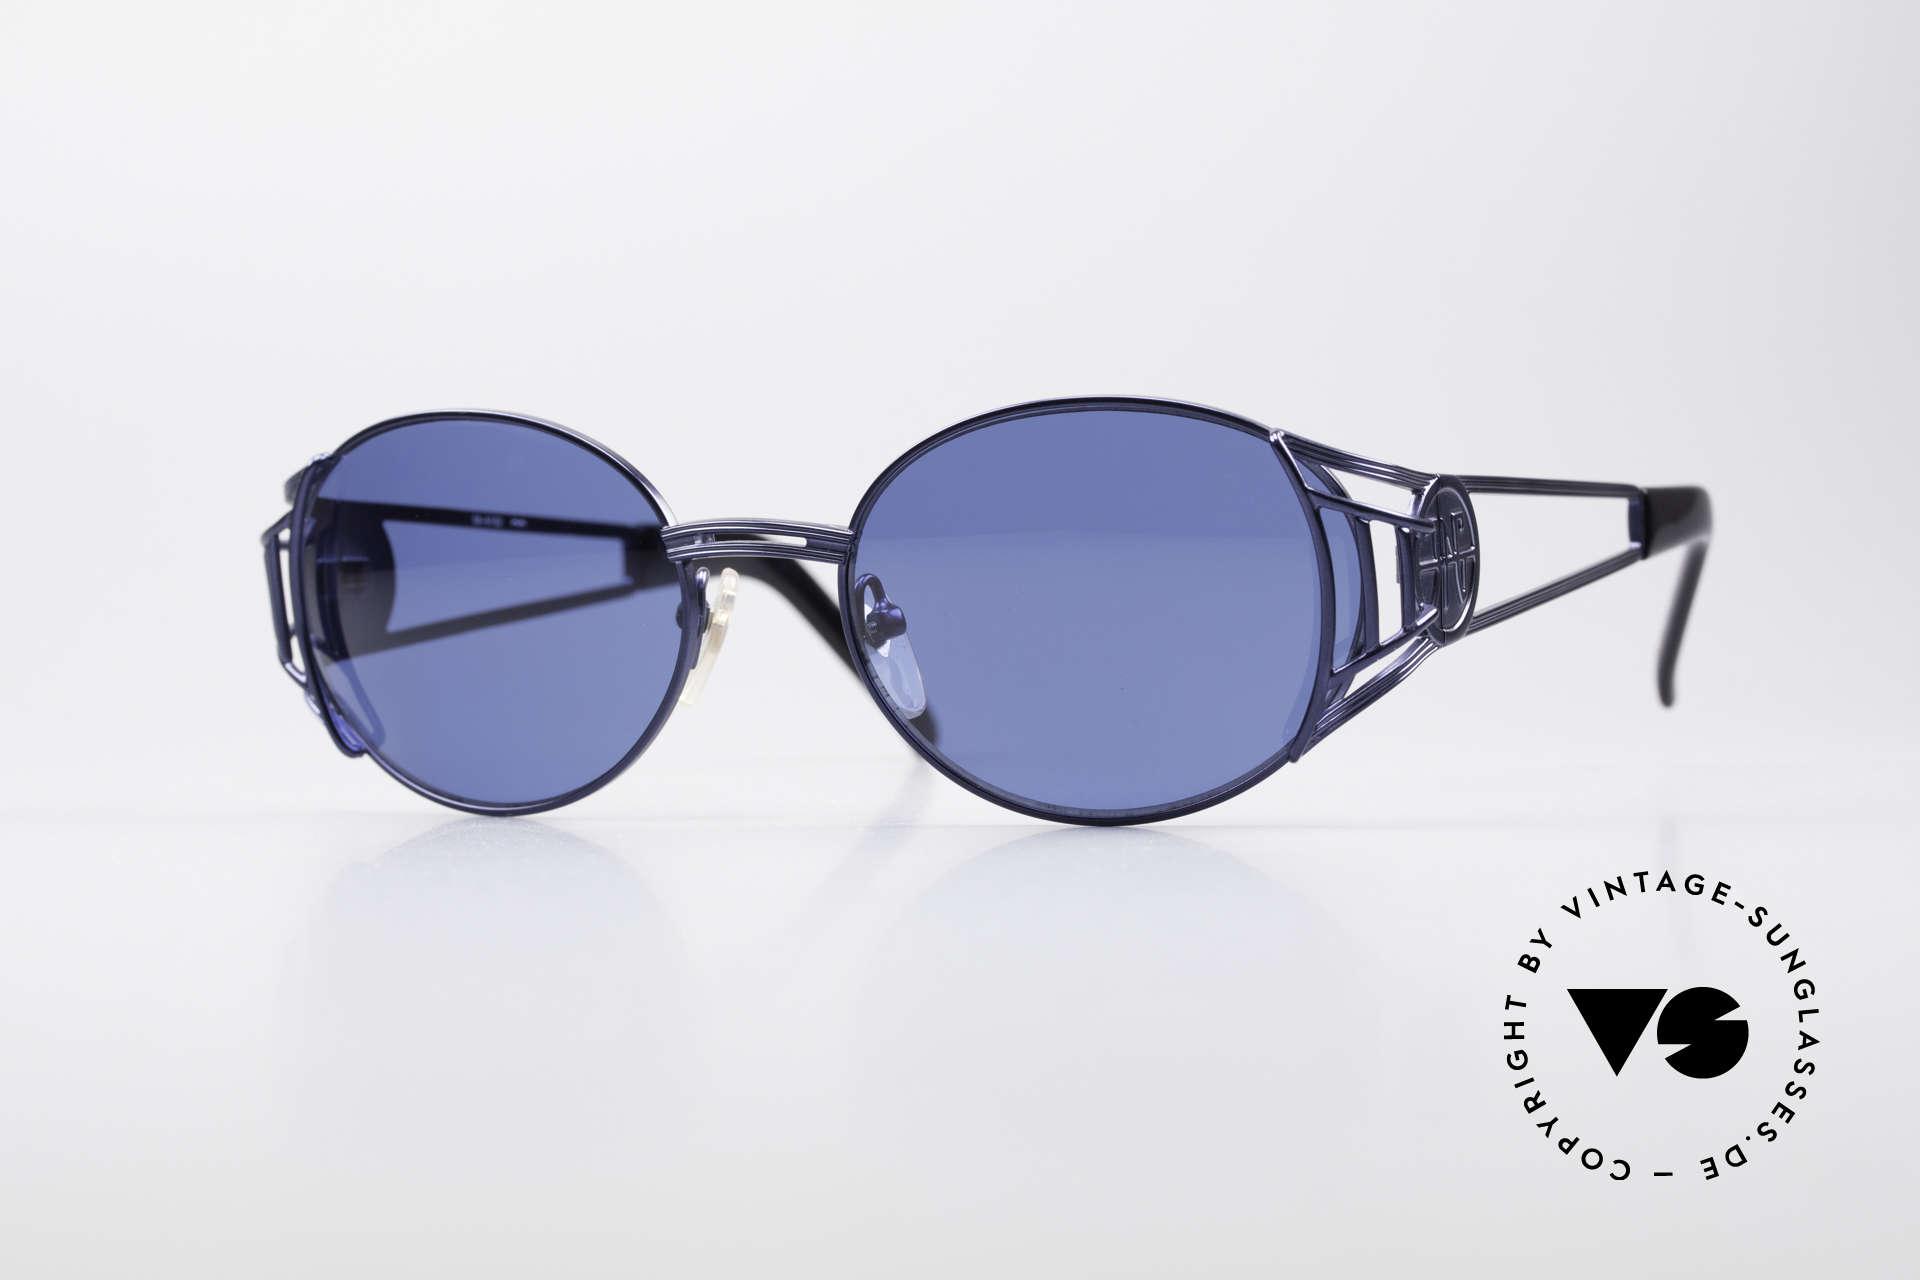 Jean Paul Gaultier 58-6102 Vintage Steampunk Brille, hochwertiges & kreatives Jean Paul Gaultier Design, Passend für Herren und Damen